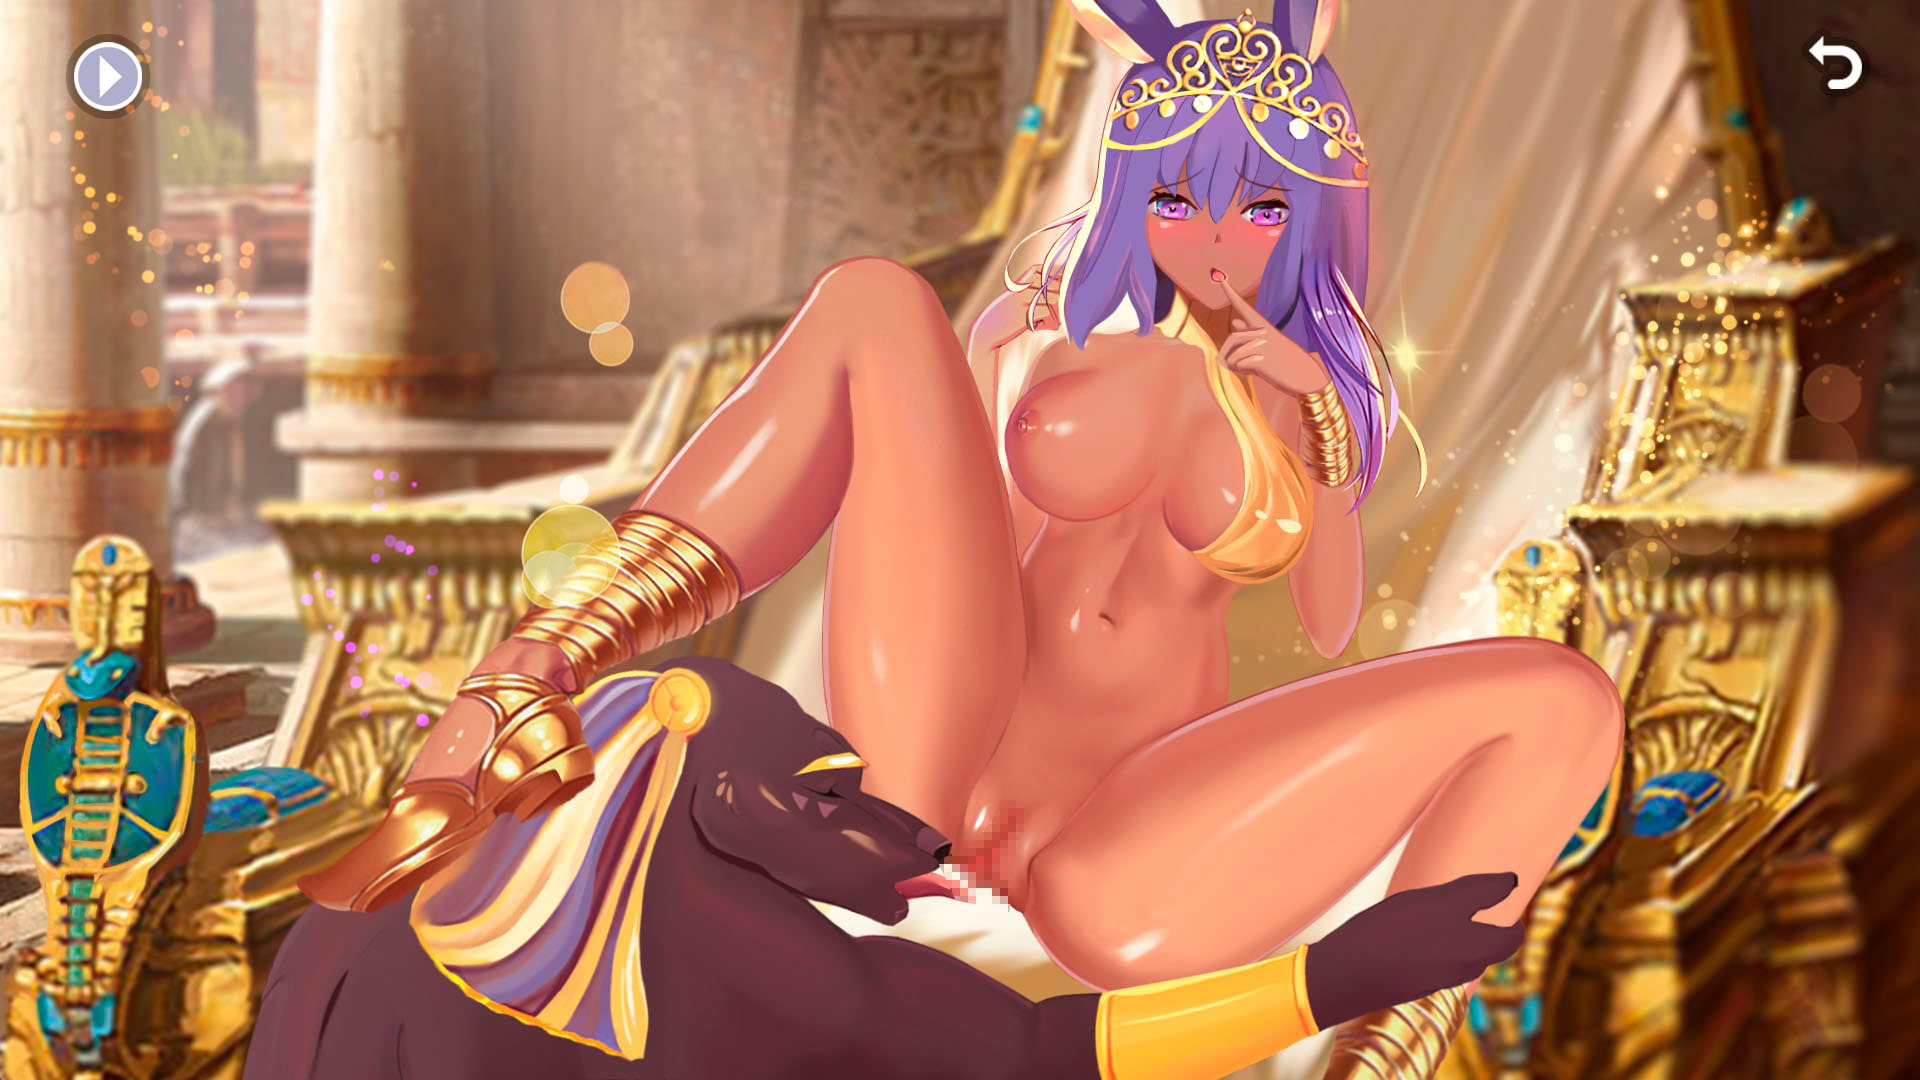 Hentai Story Cleopatra